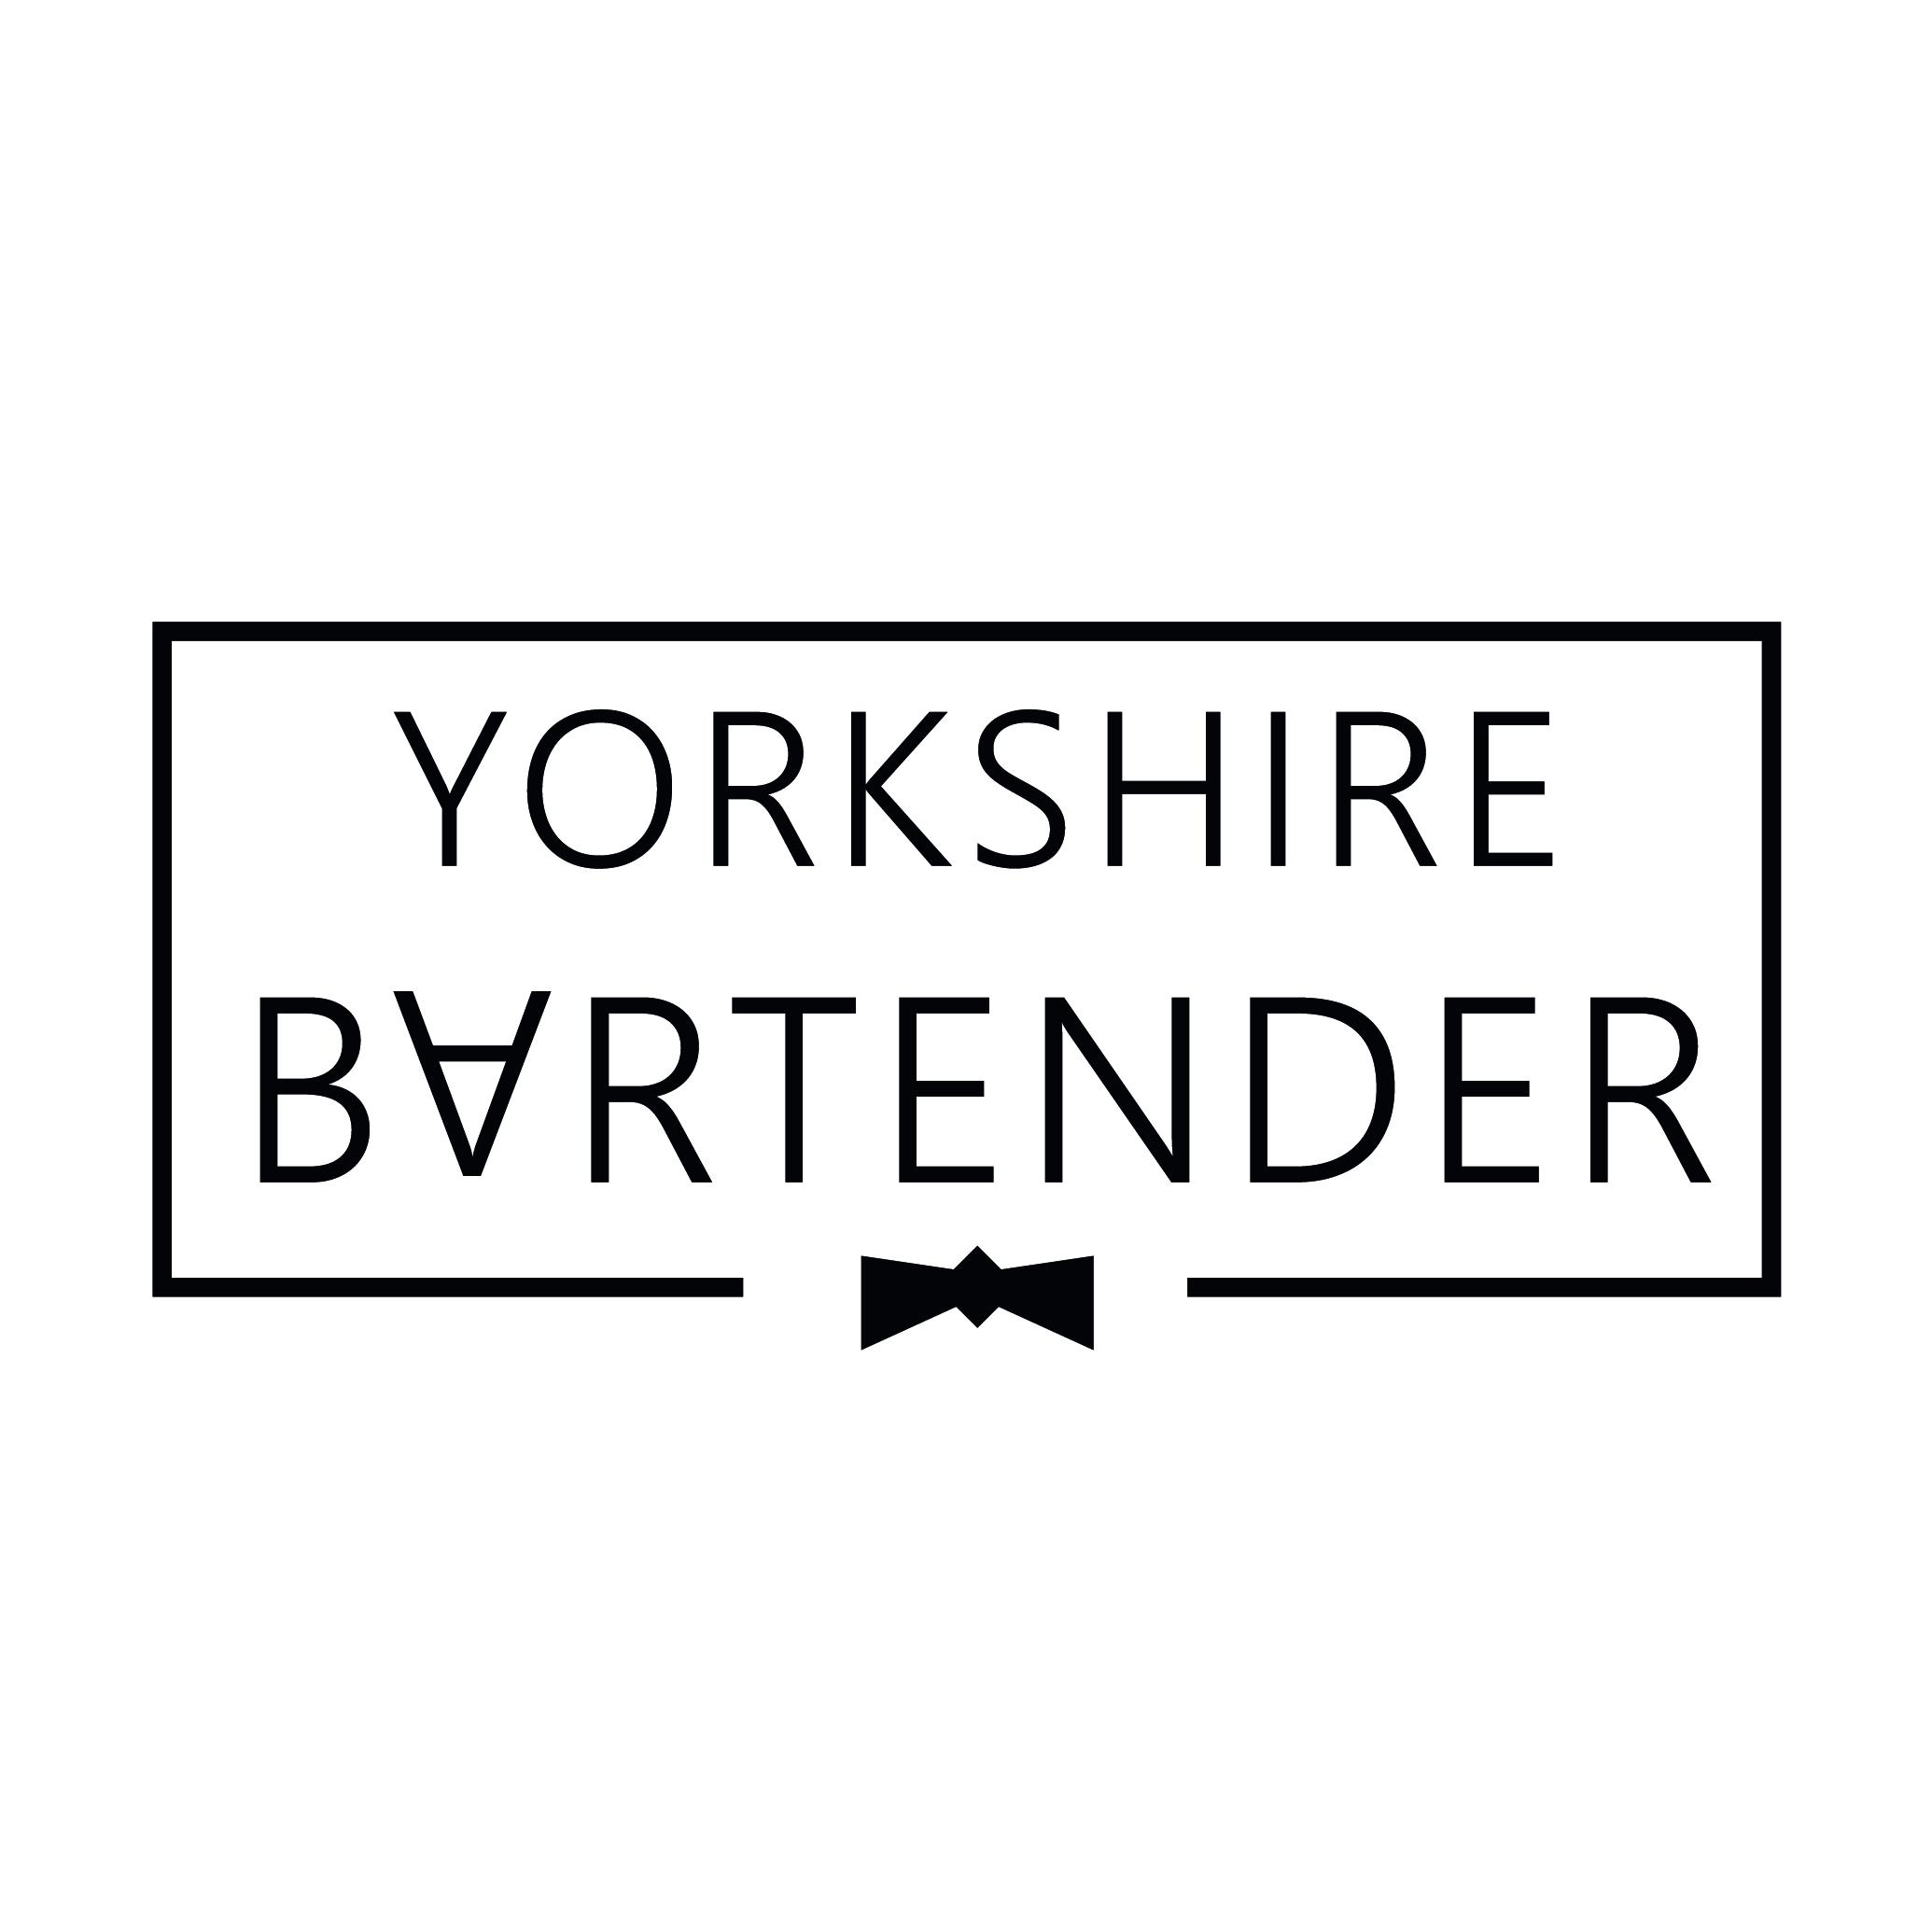 yb logo square.jpg